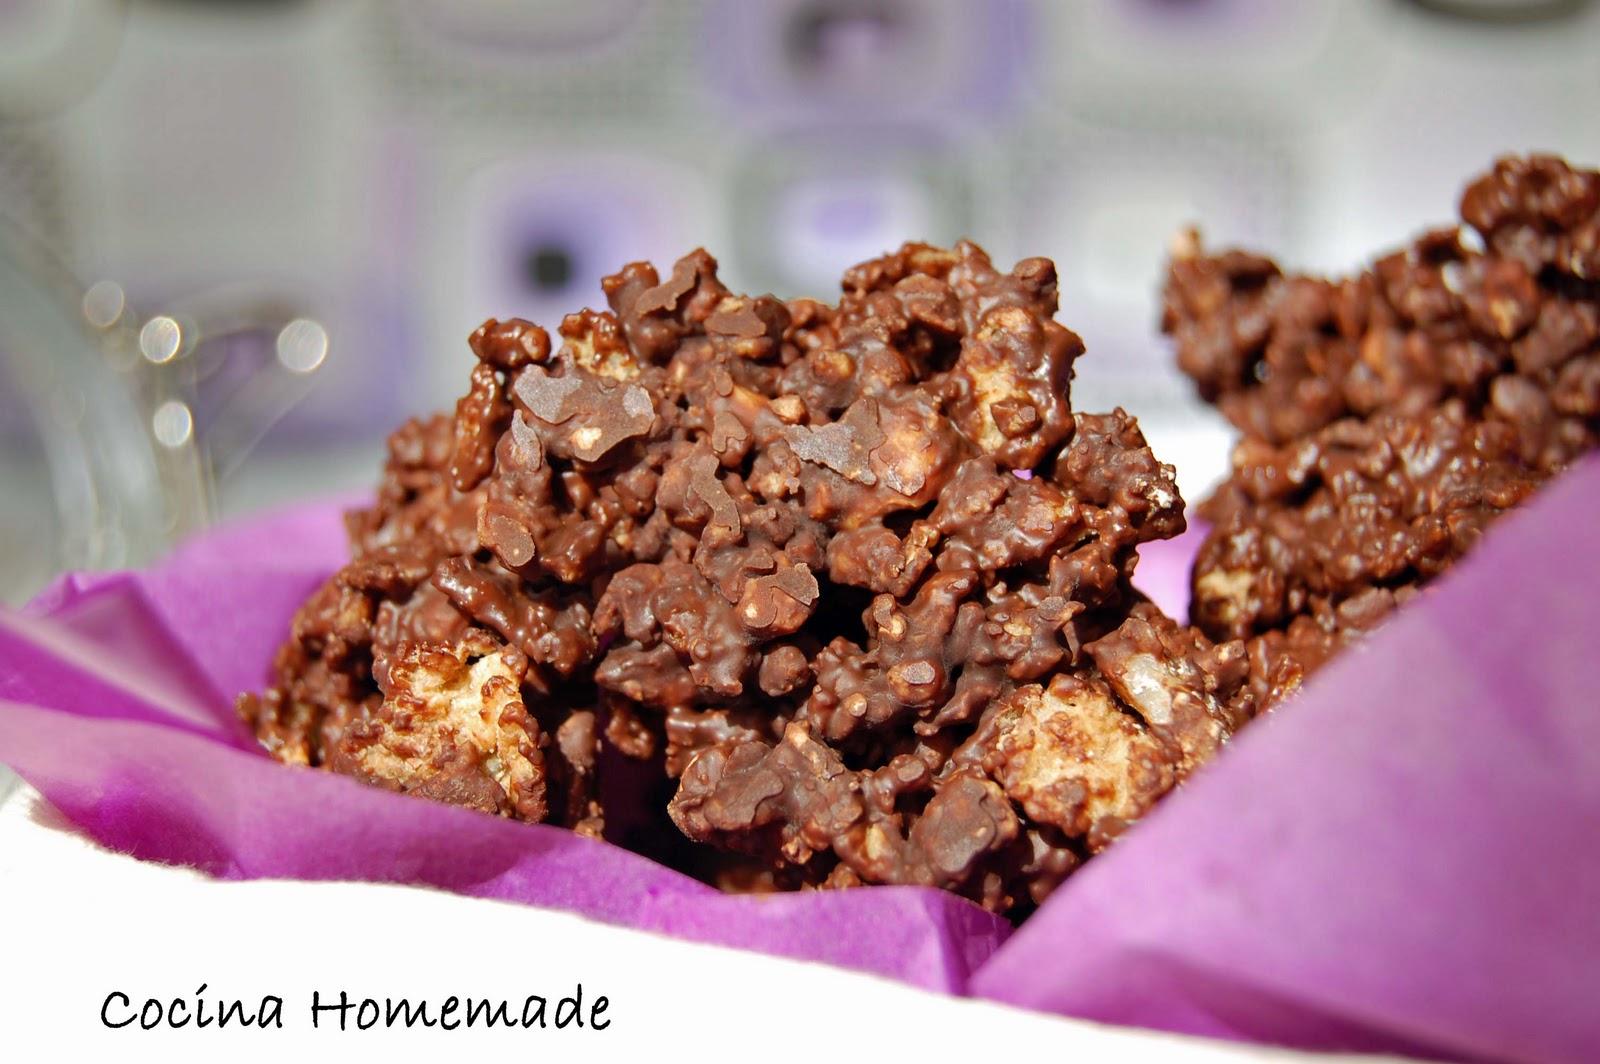 Rocas de chocolate cocina homemade - Recetas merienda cena informal ...